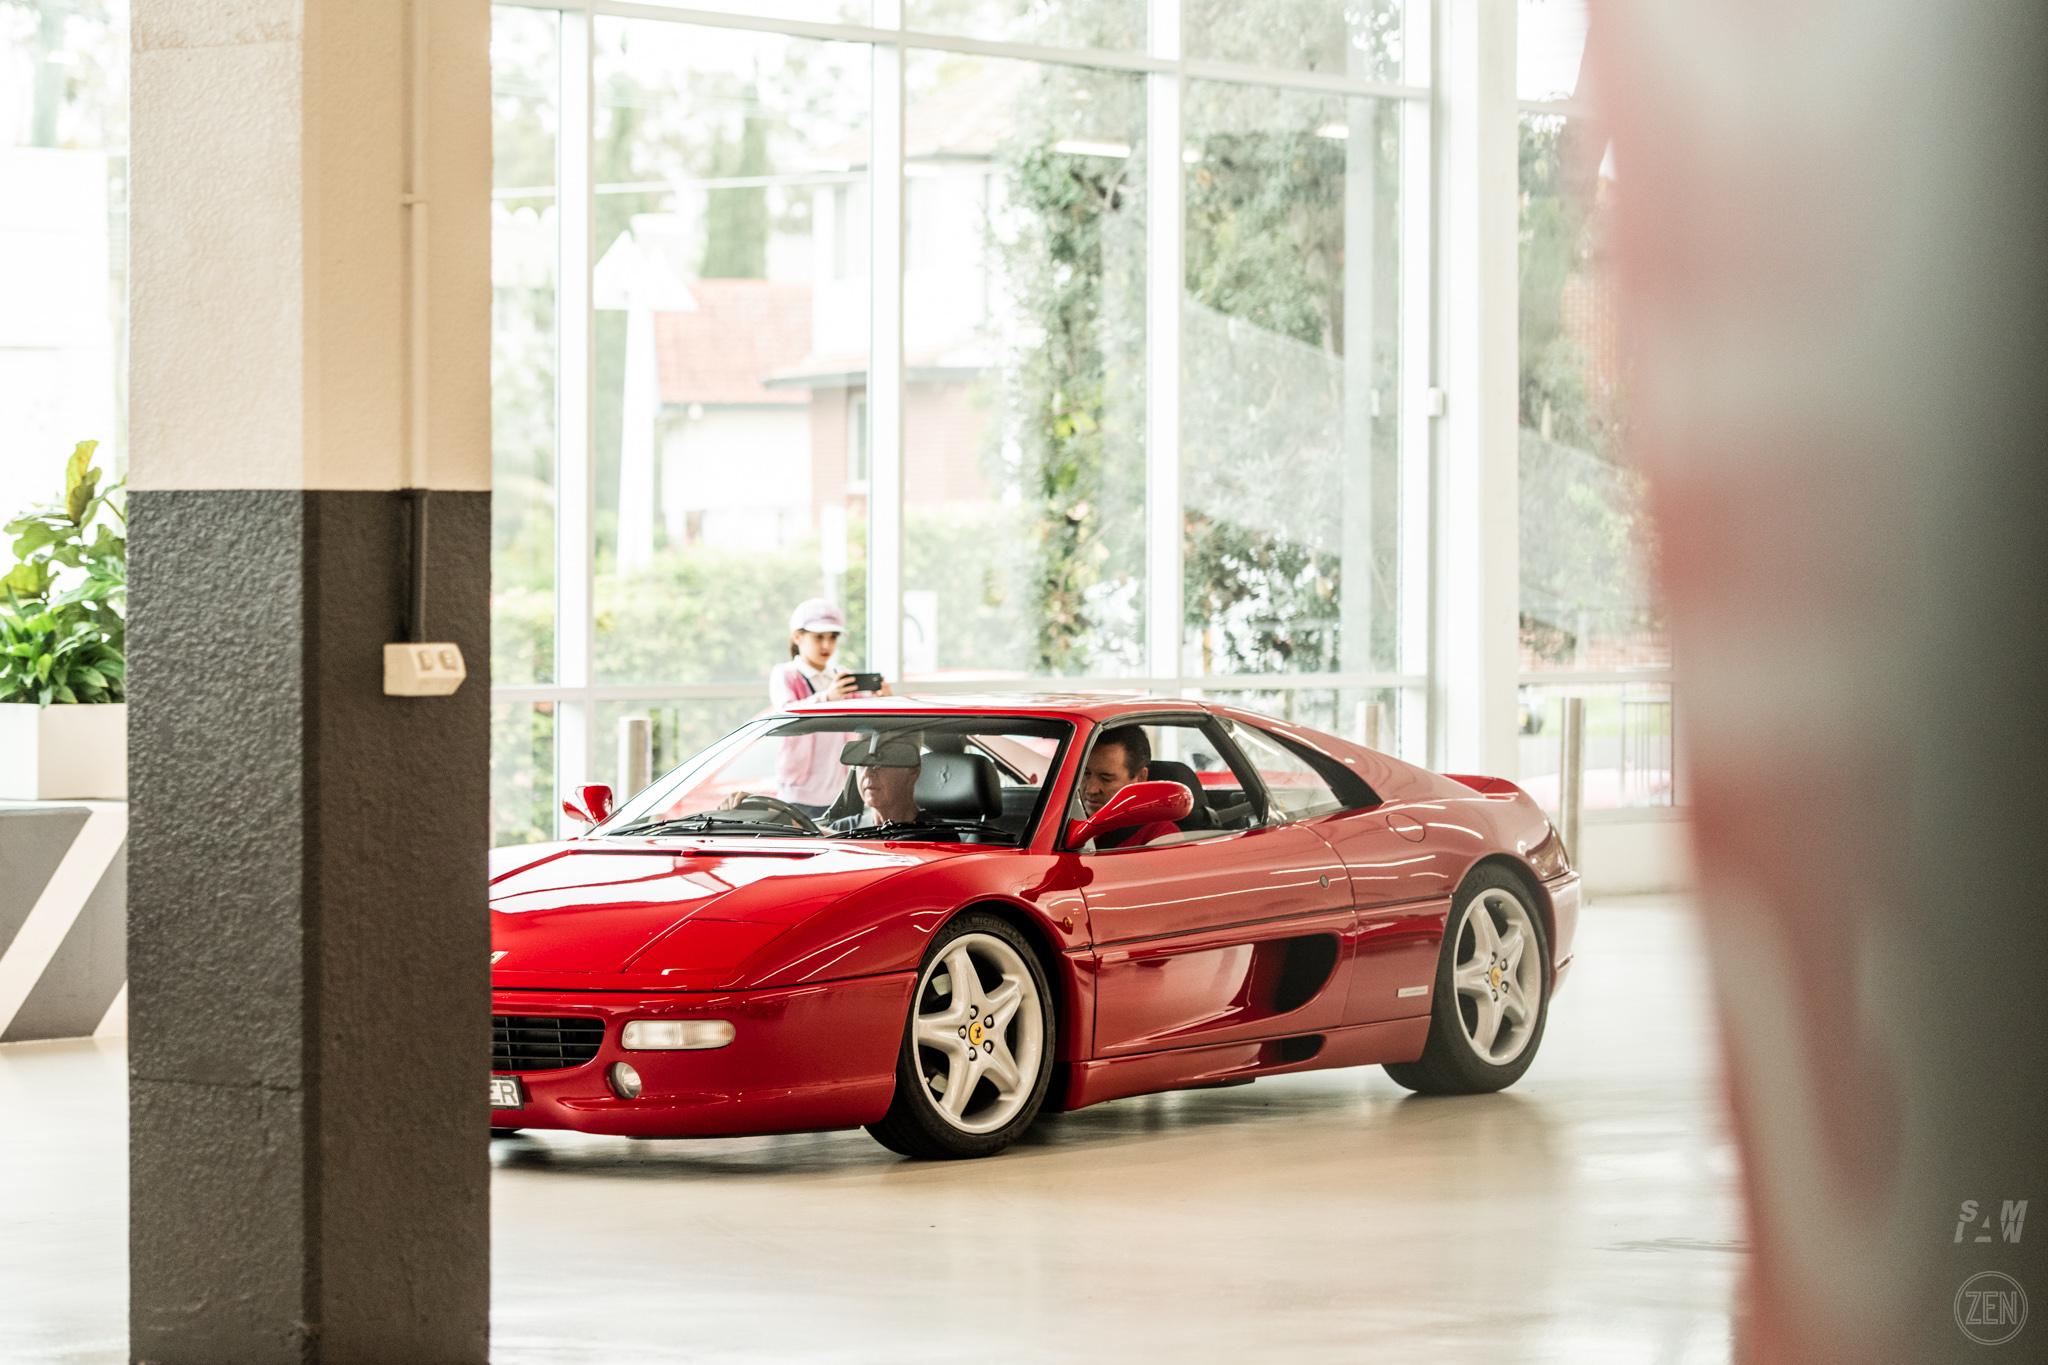 2019-09-21 - Ferrari Concorso 042